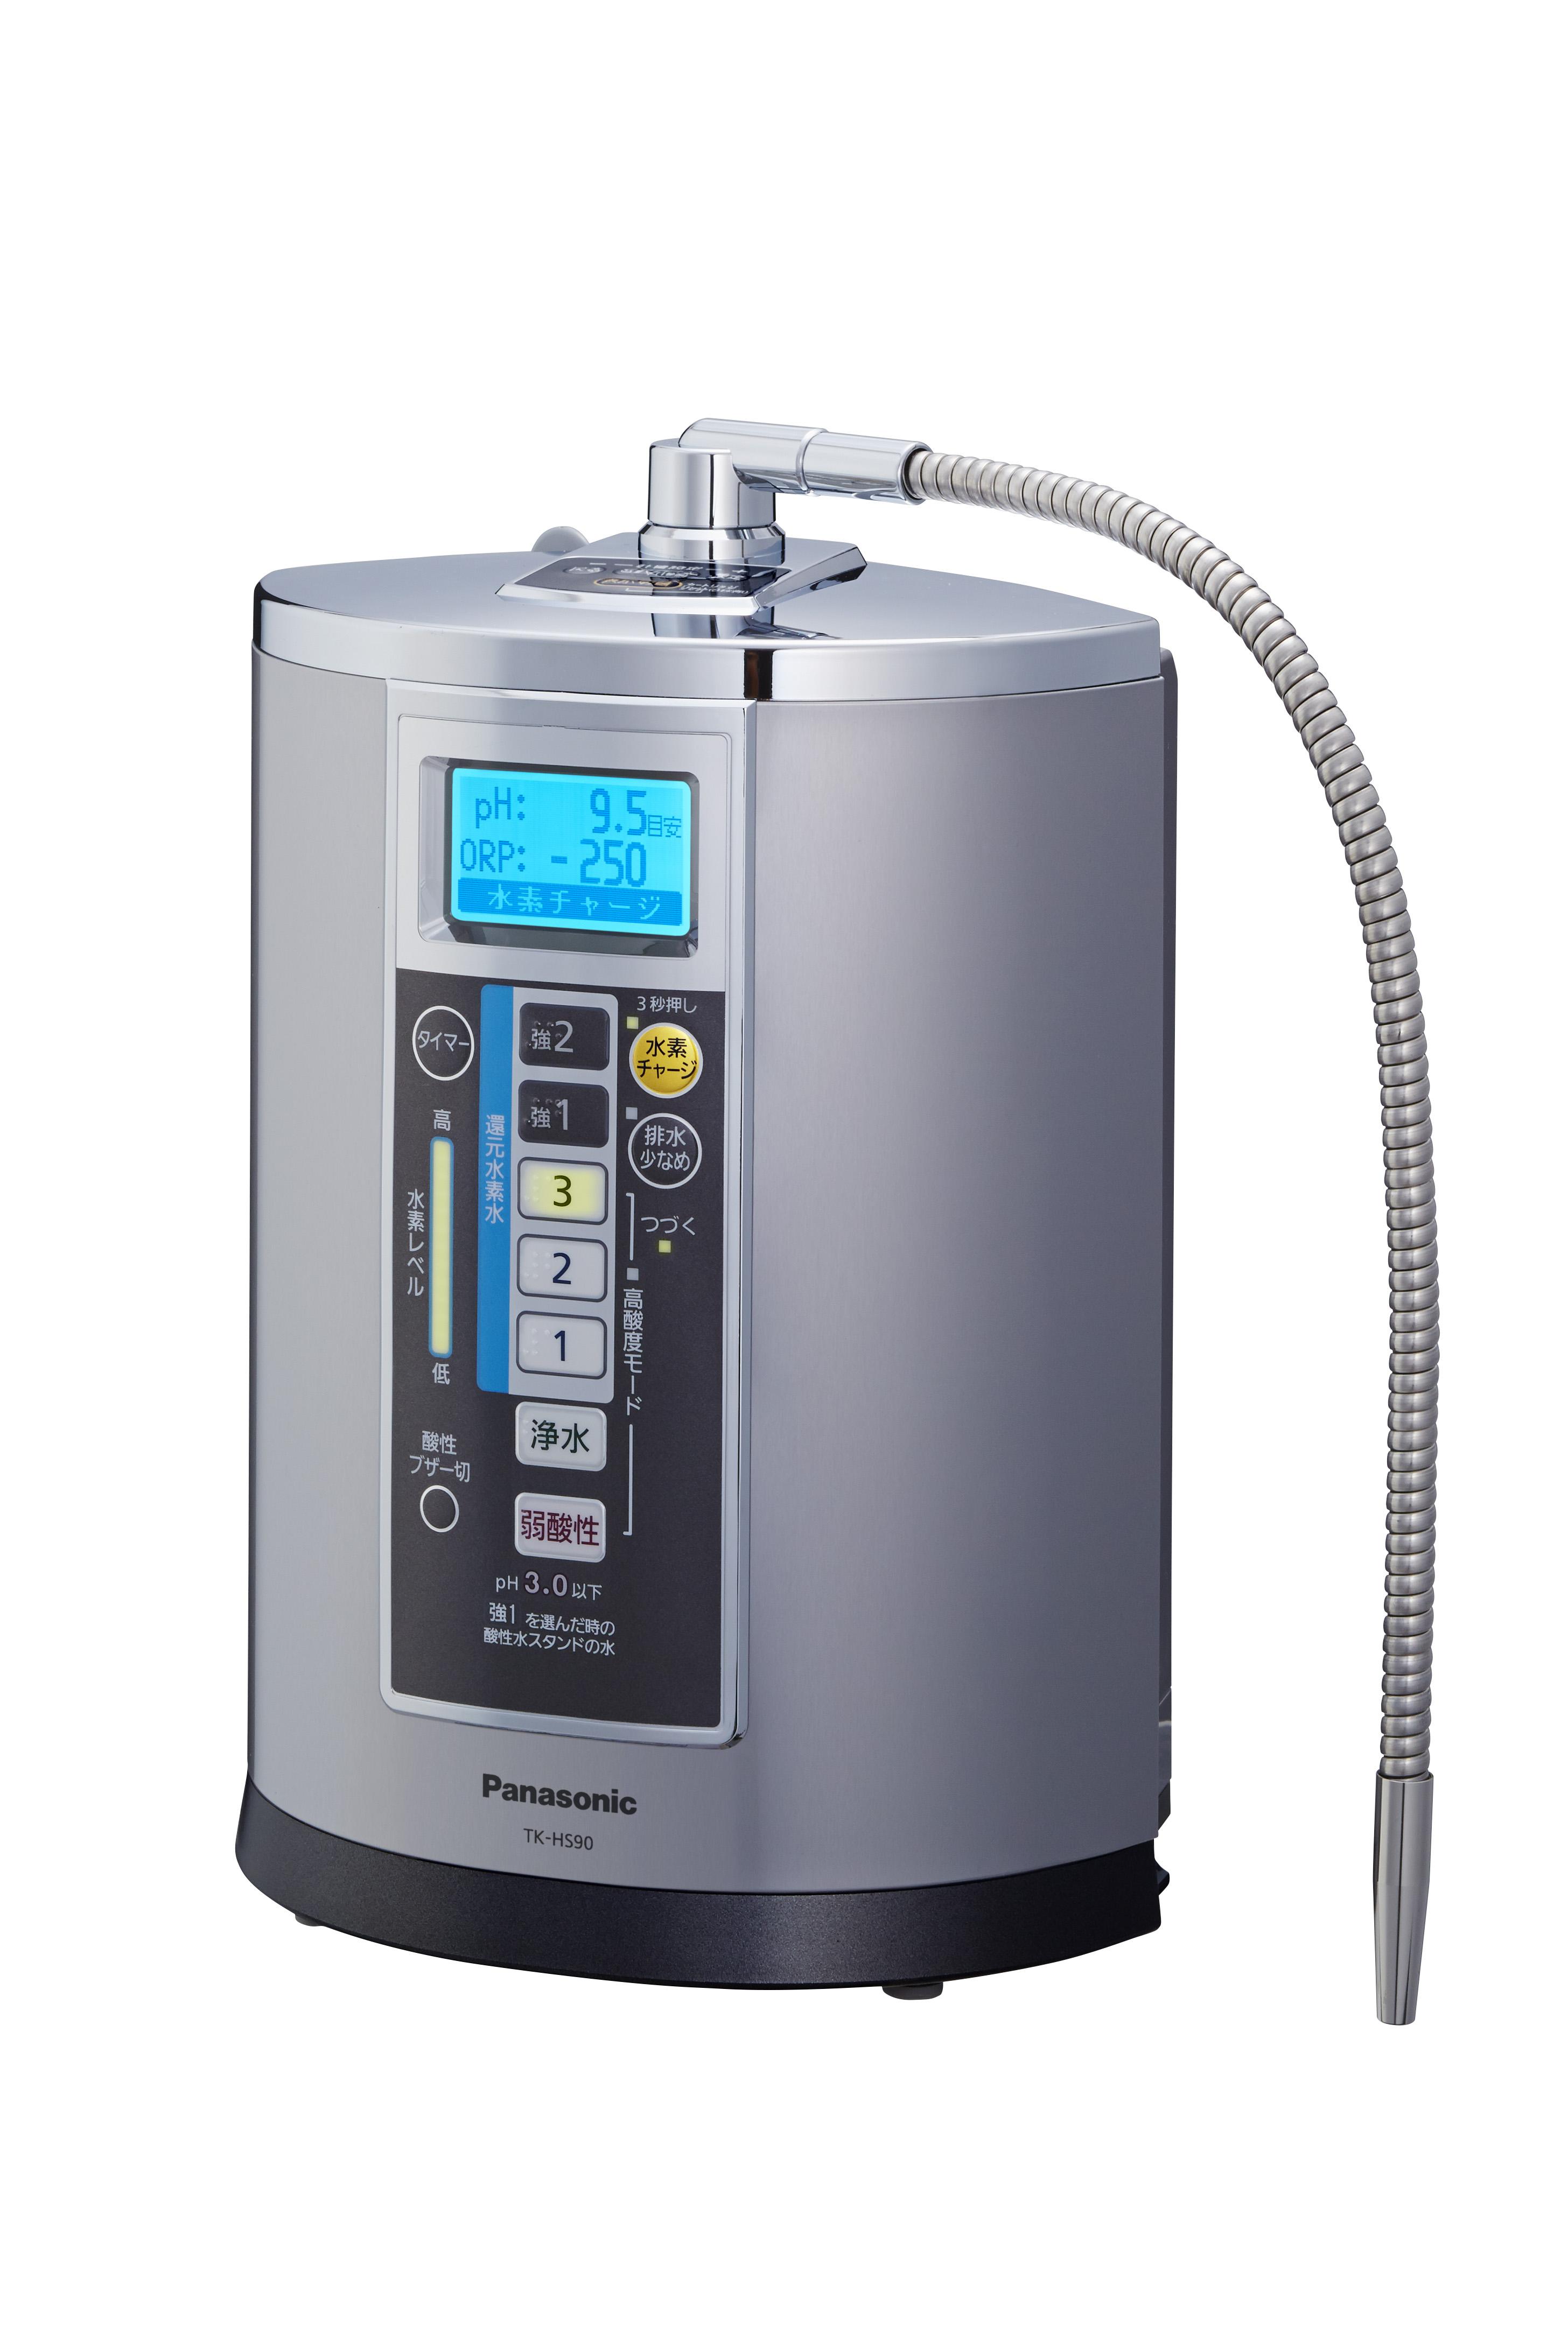 パナソニックのハイパワー還元水素水生成器 TK-HS90-S